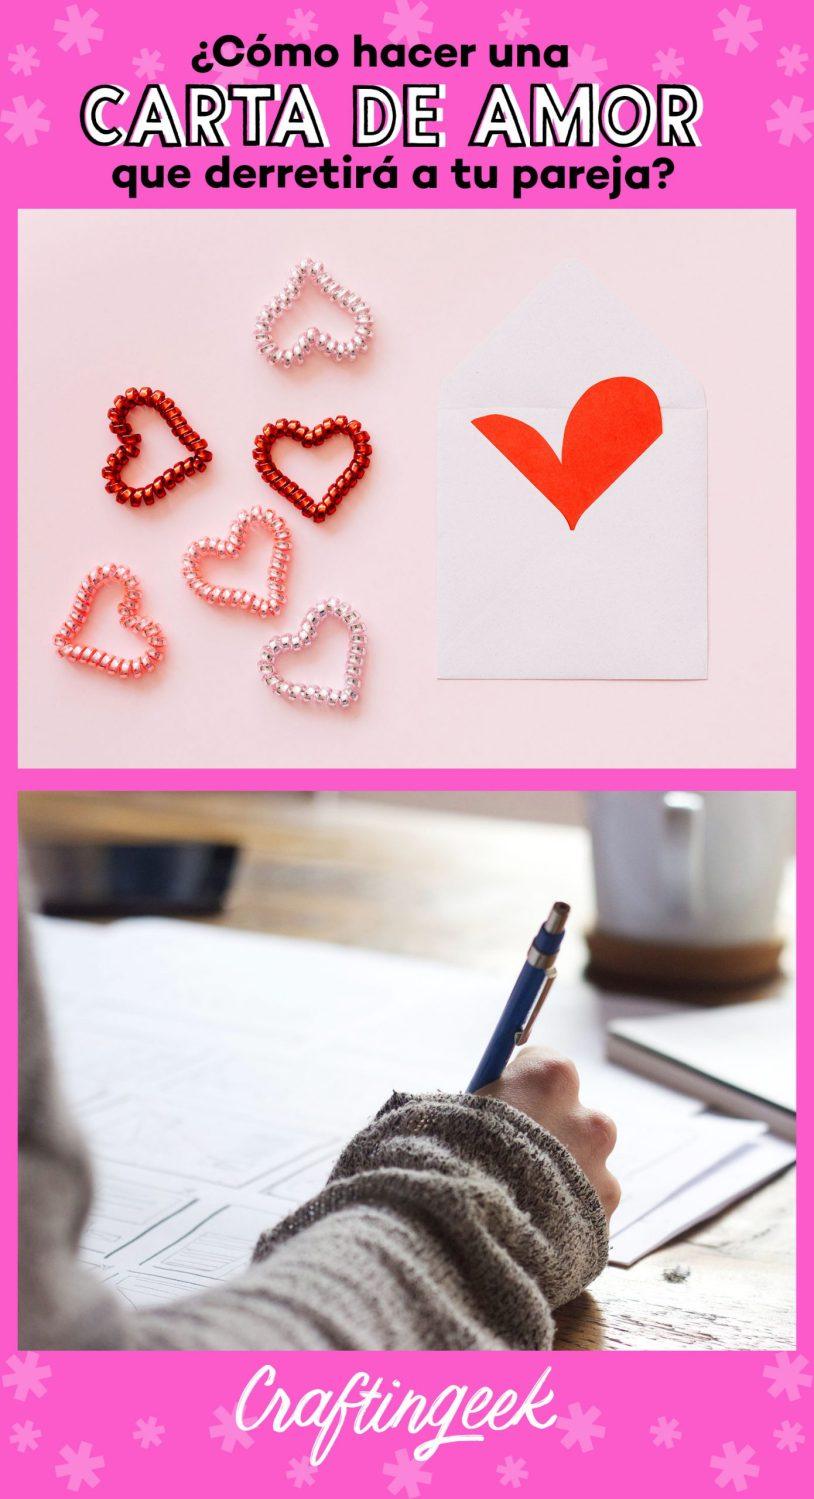 Como hacer una carta de amor_Portada